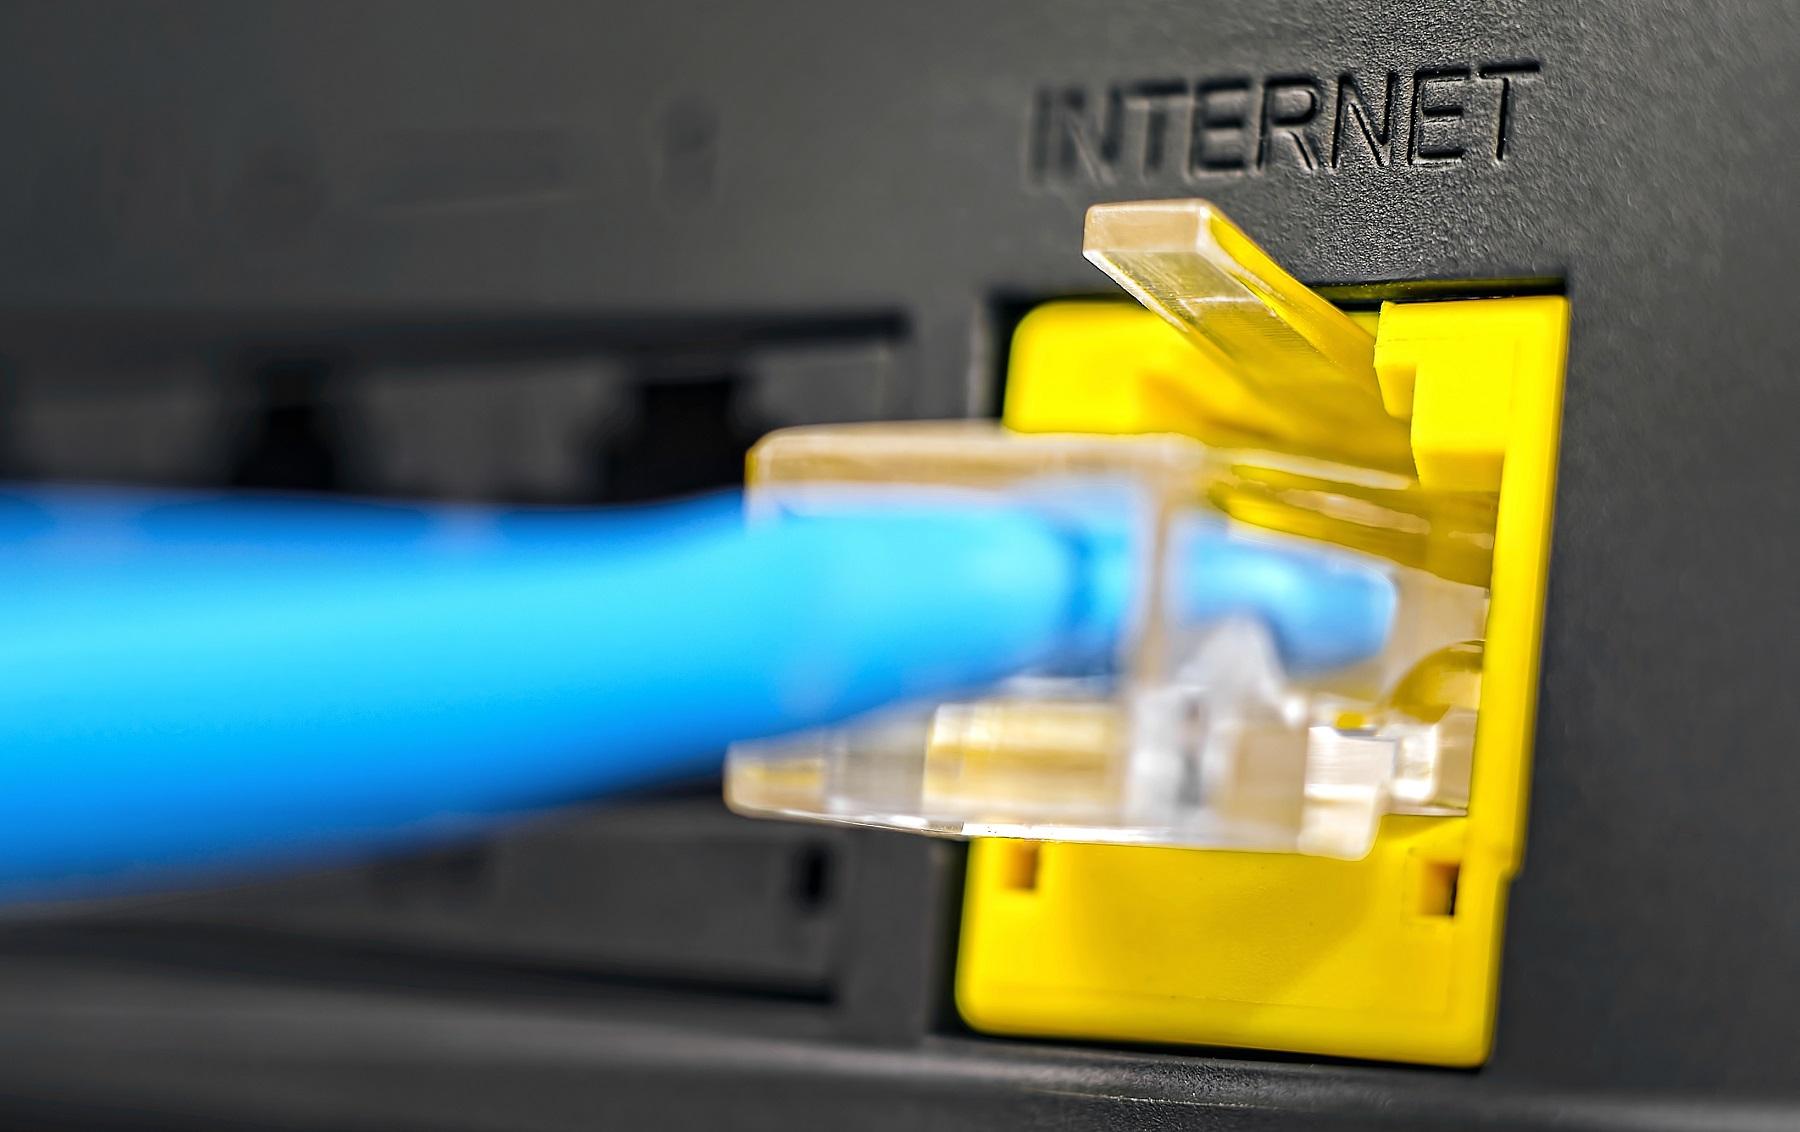 Новые тарифы на подключения к сети интернет